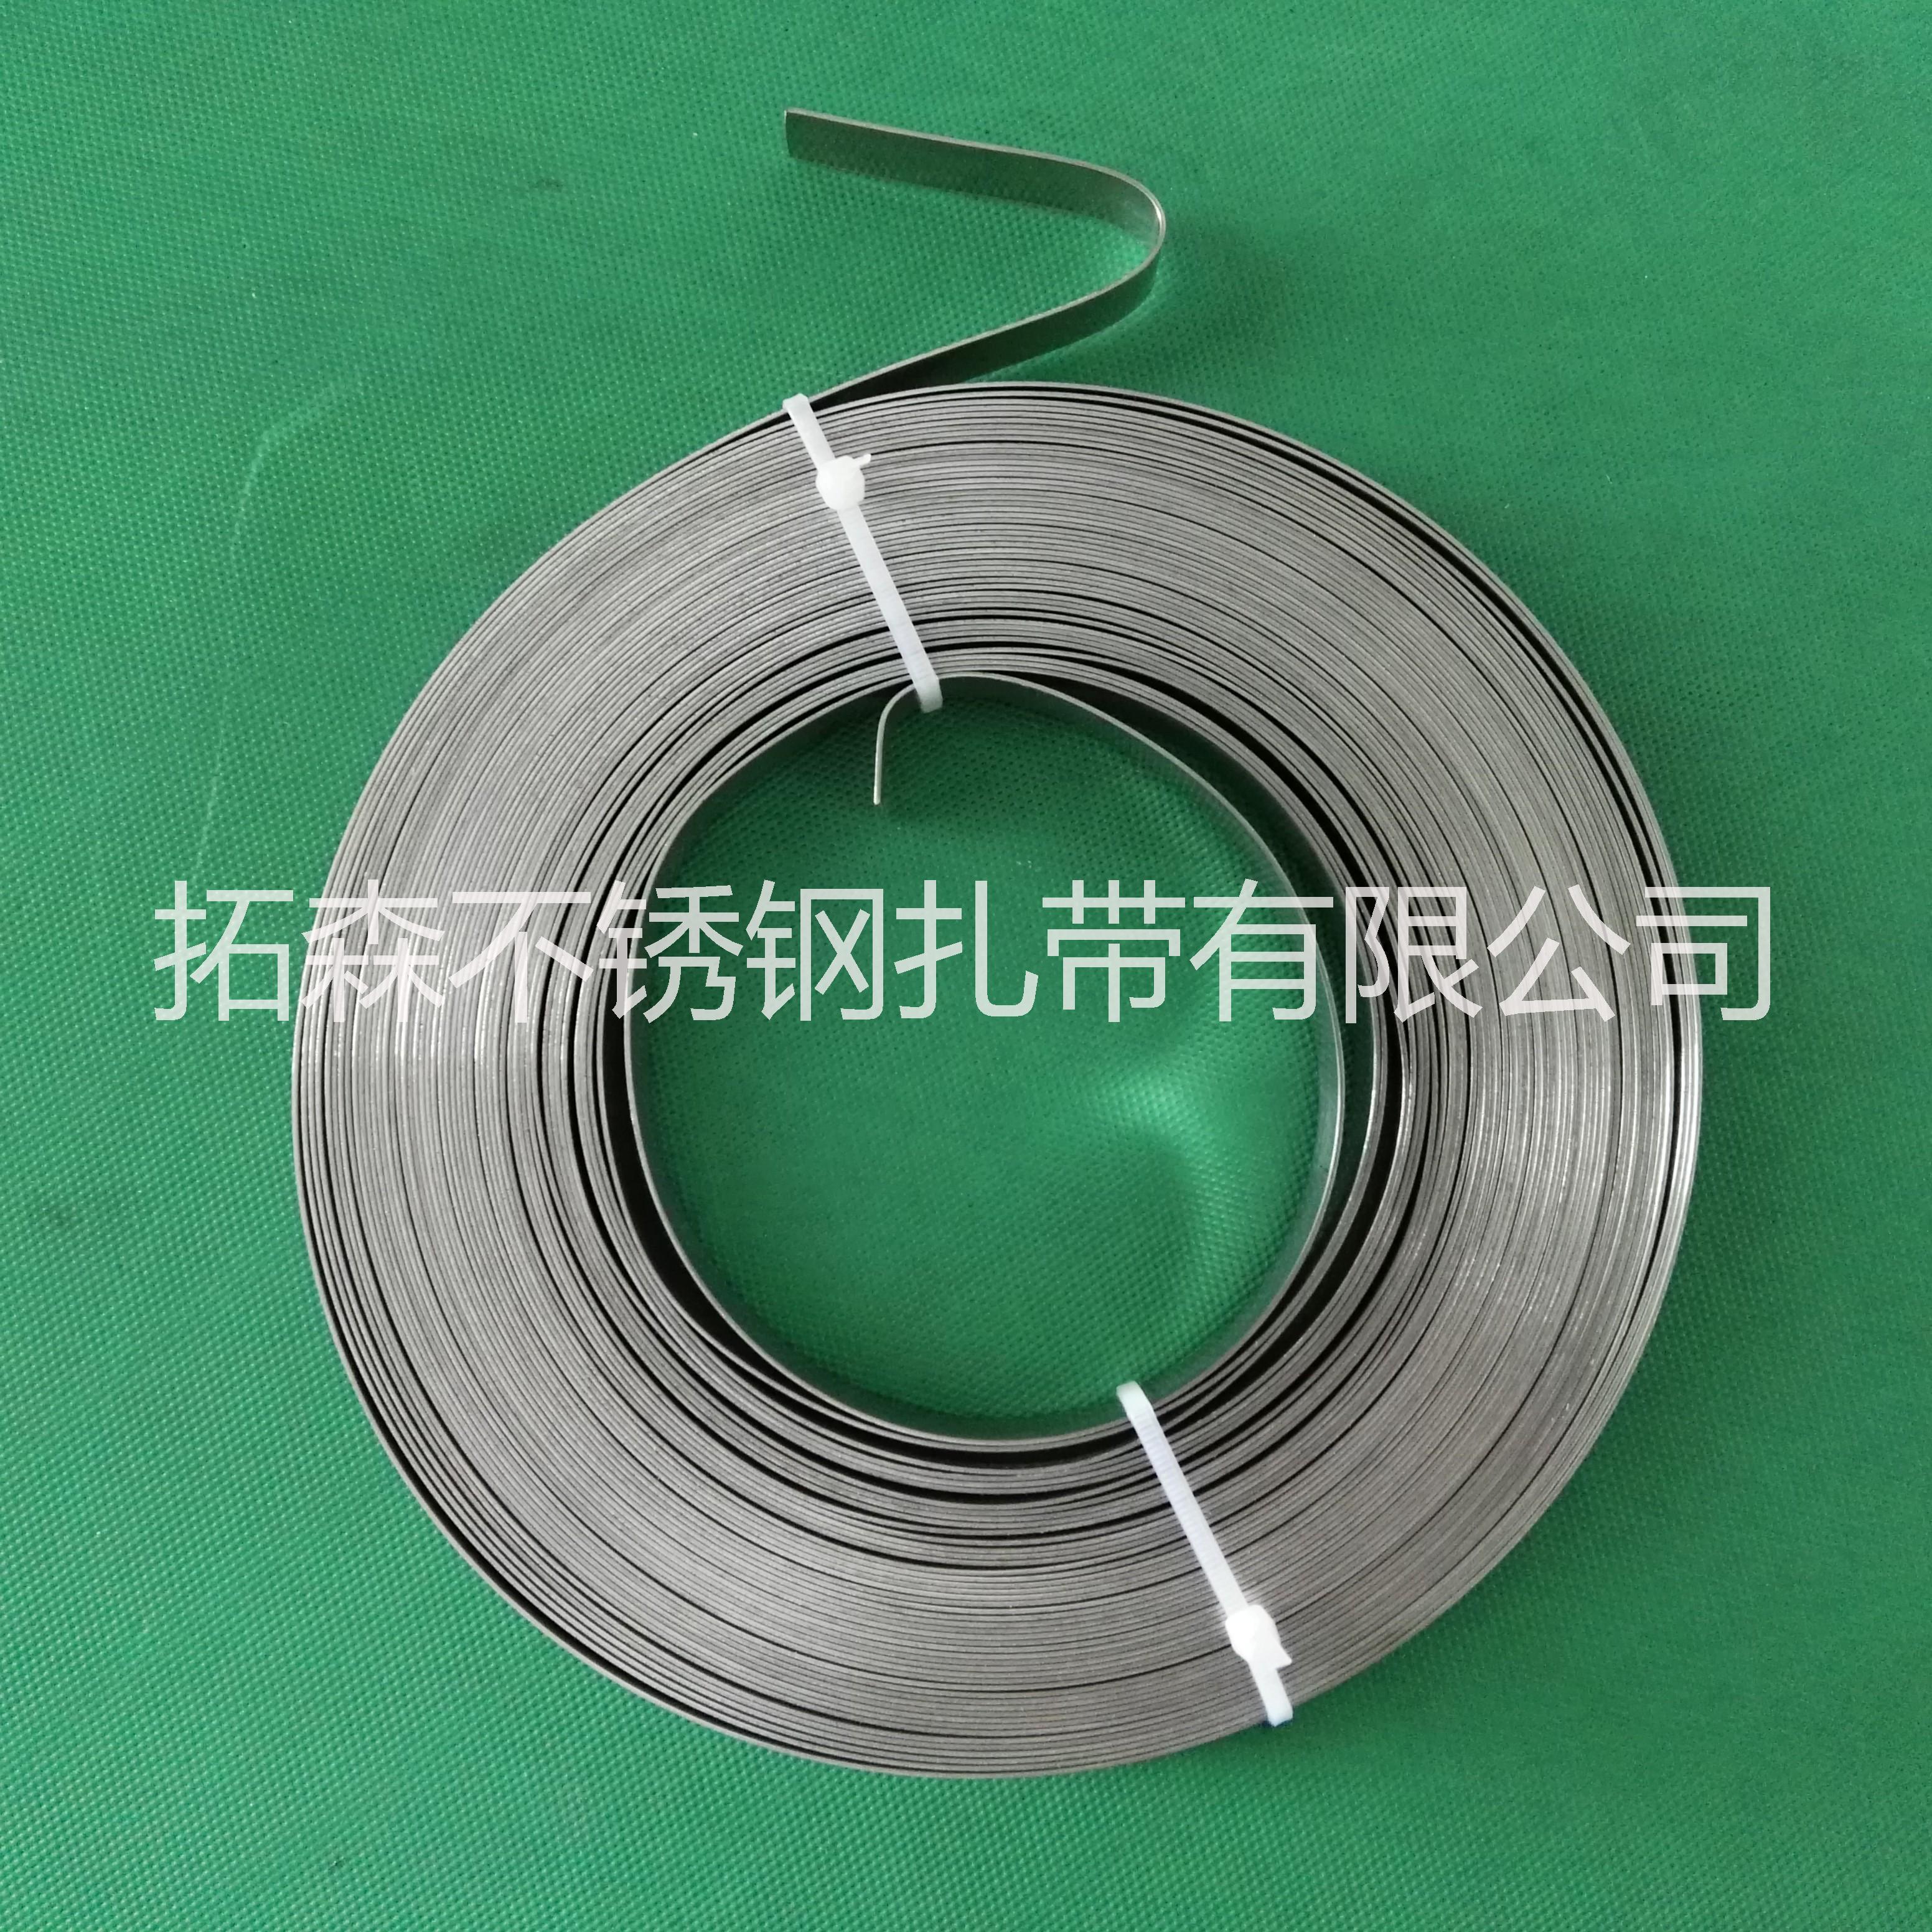 北京 上海 精品不锈钢盘带 不锈钢扎带厂家直销 量大从优